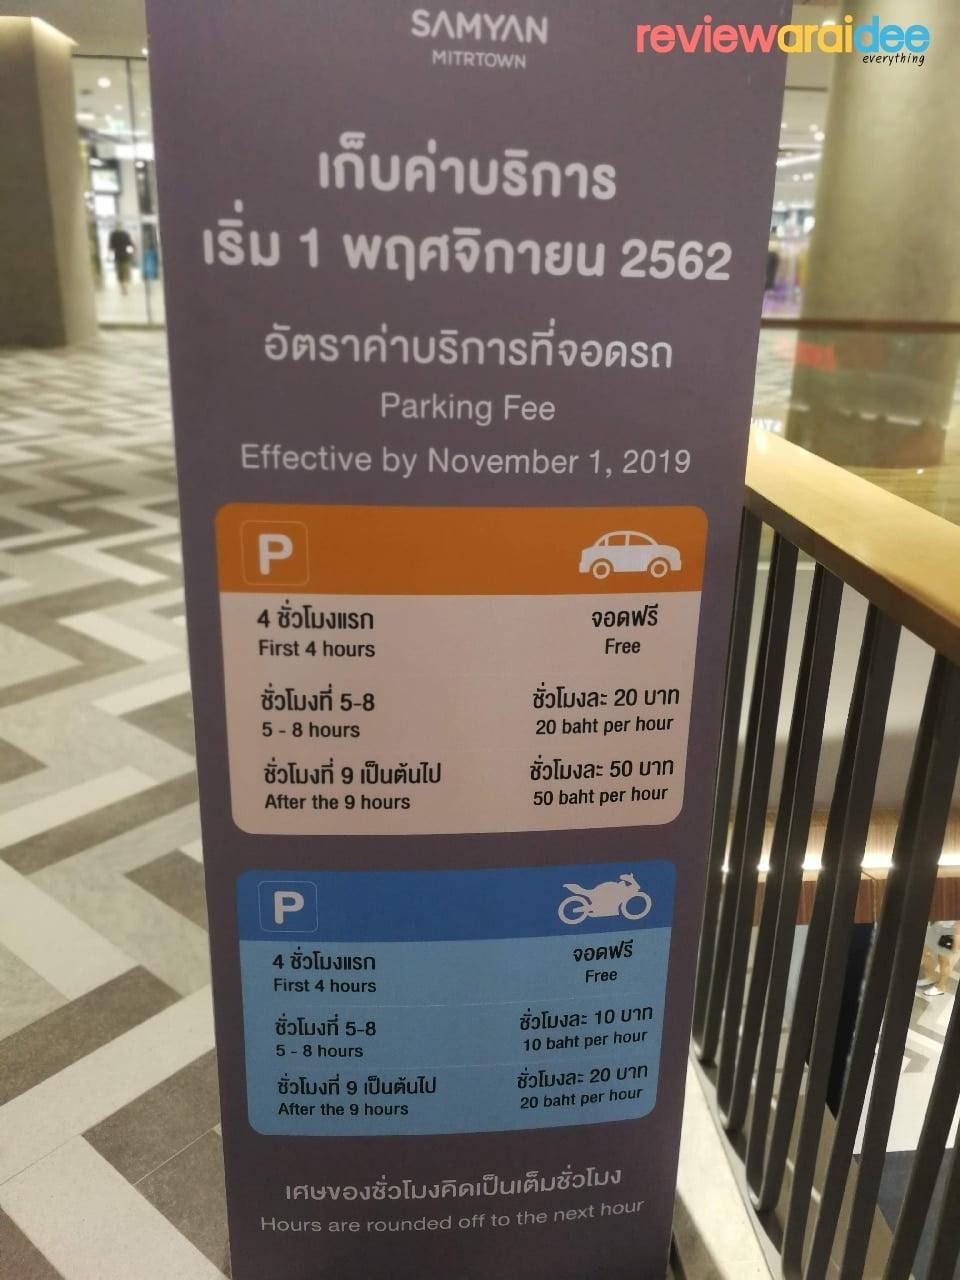 เริ่มเก็บค่าบริการ 1 พฤศจิกายน 2562 ค่าจอดรถสามย่านมิตรทาวน์ (Samyan Mitrtown) 4 ชั่วโมงแรก จอดฟรี